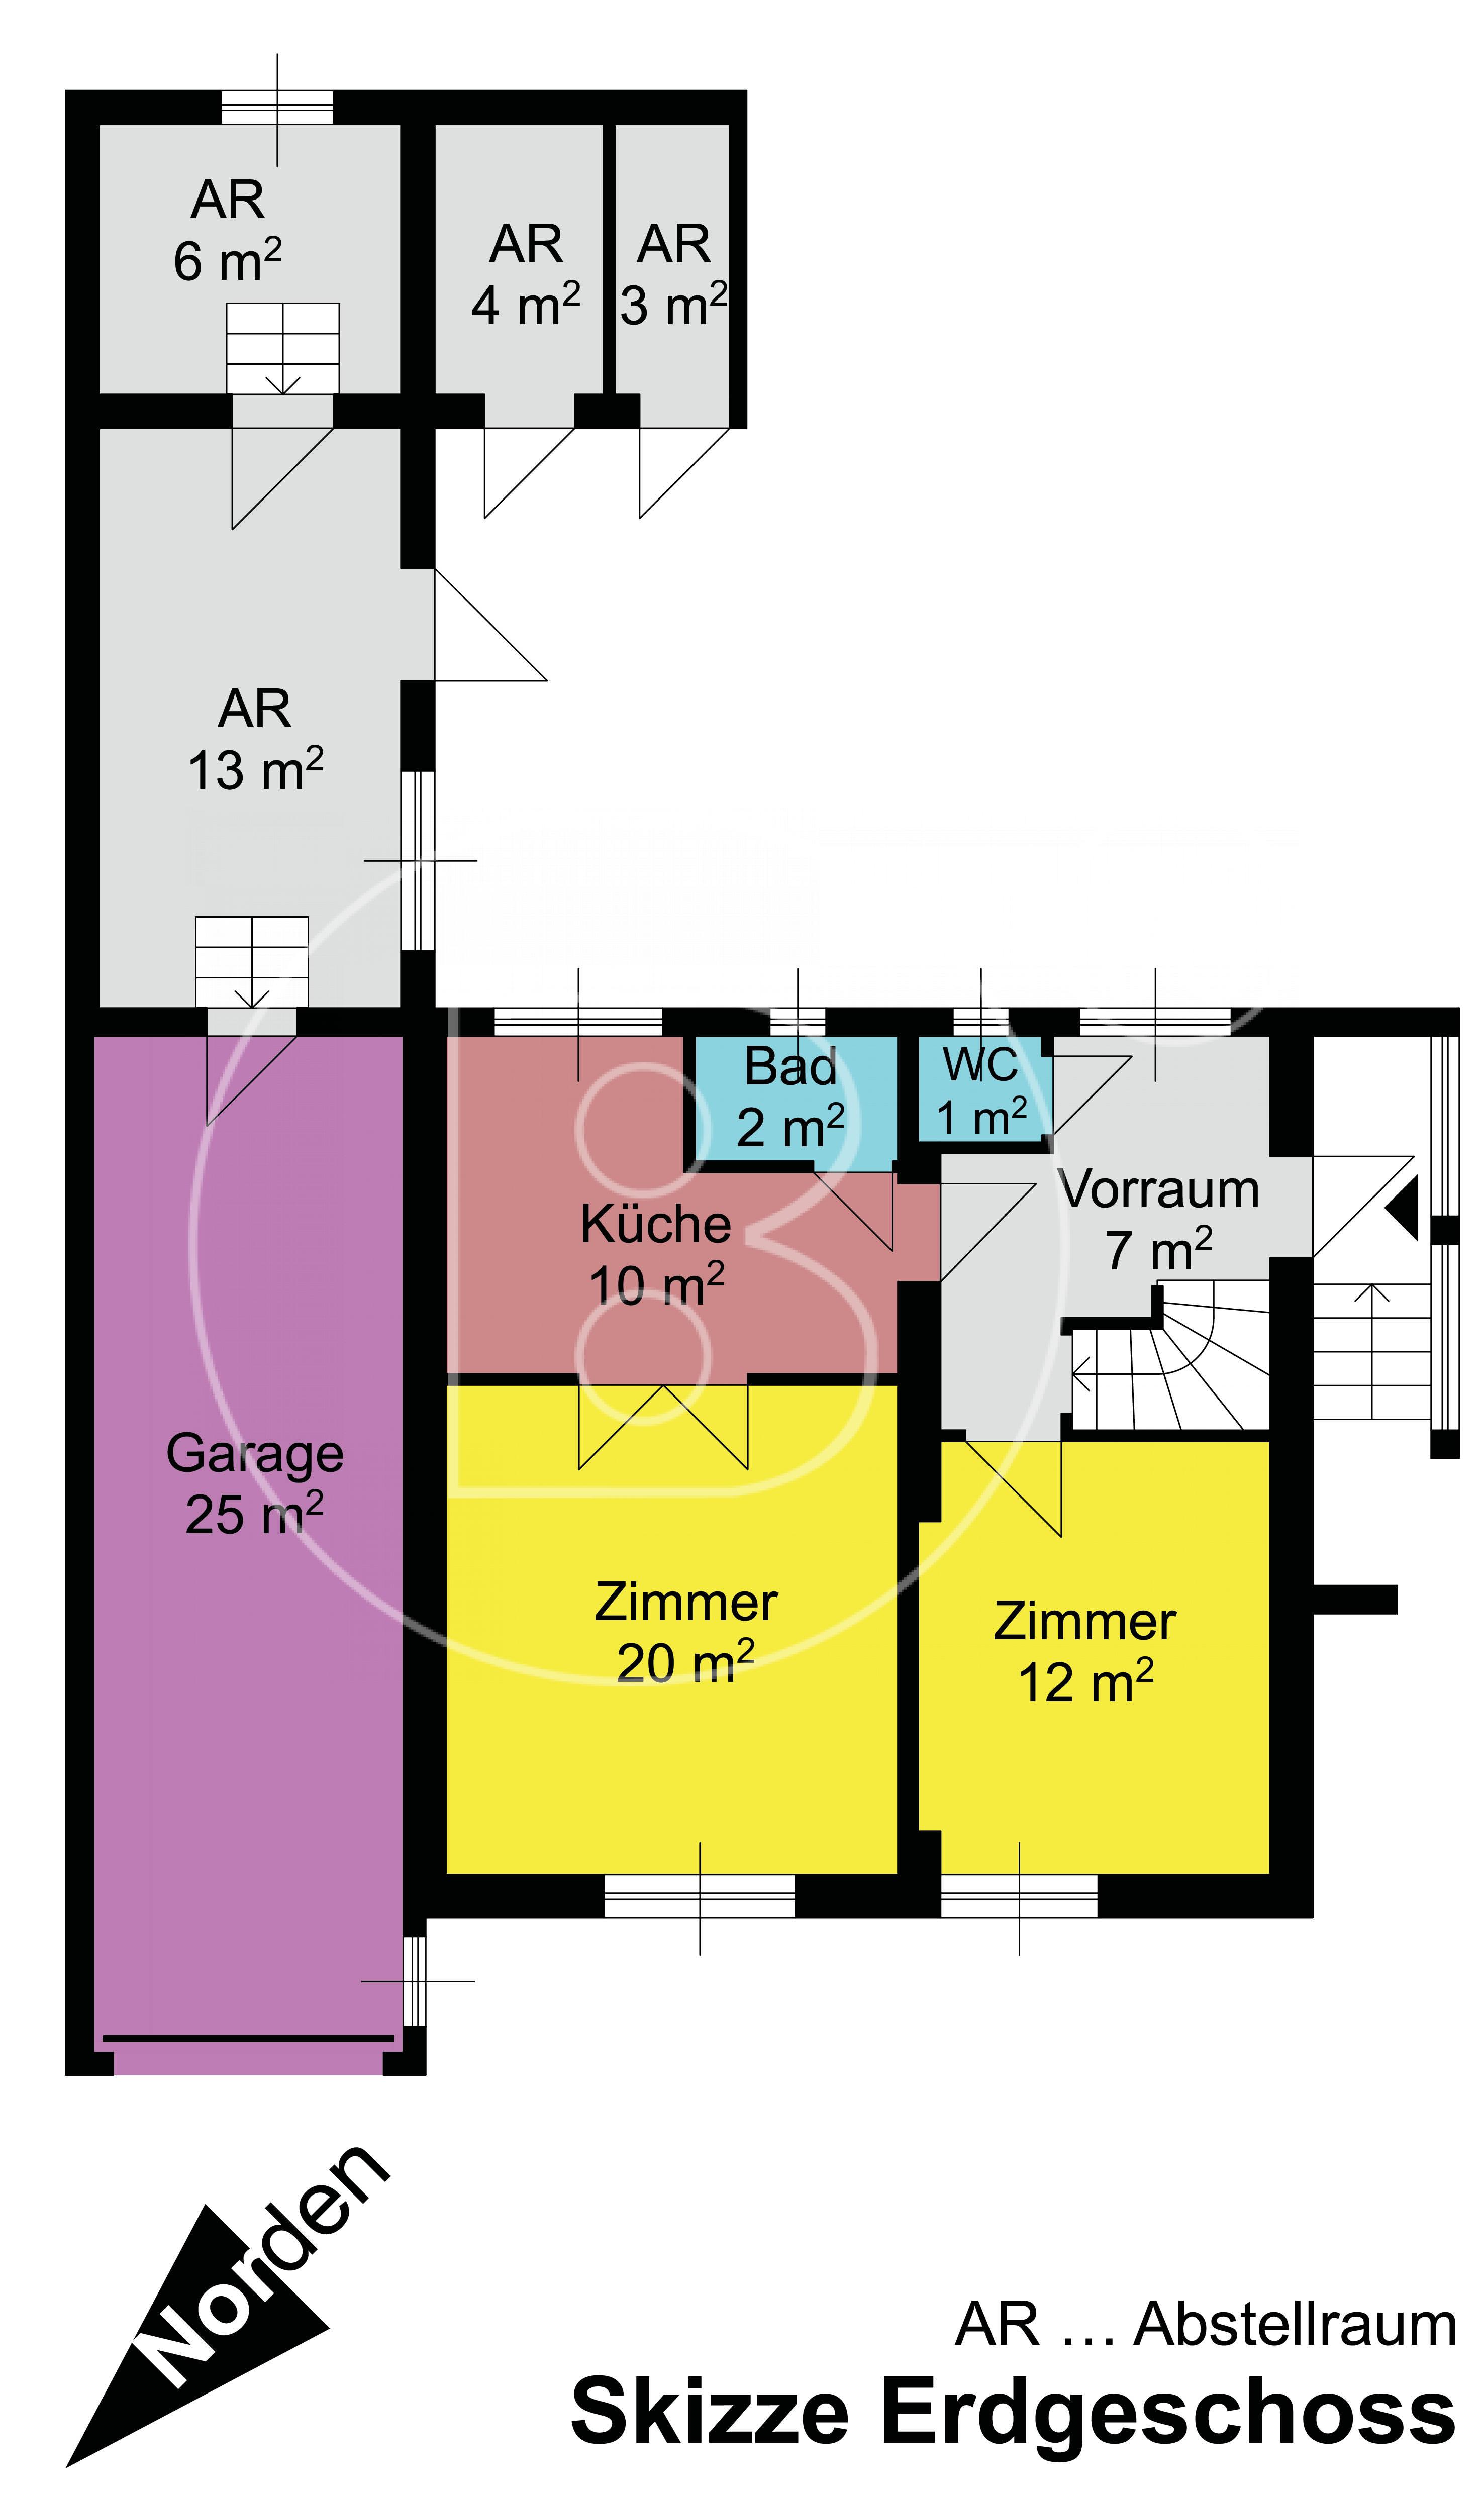 GRUNDRISS - Altes Einfamilienhaus bzw. Baugrund in guter Lage!